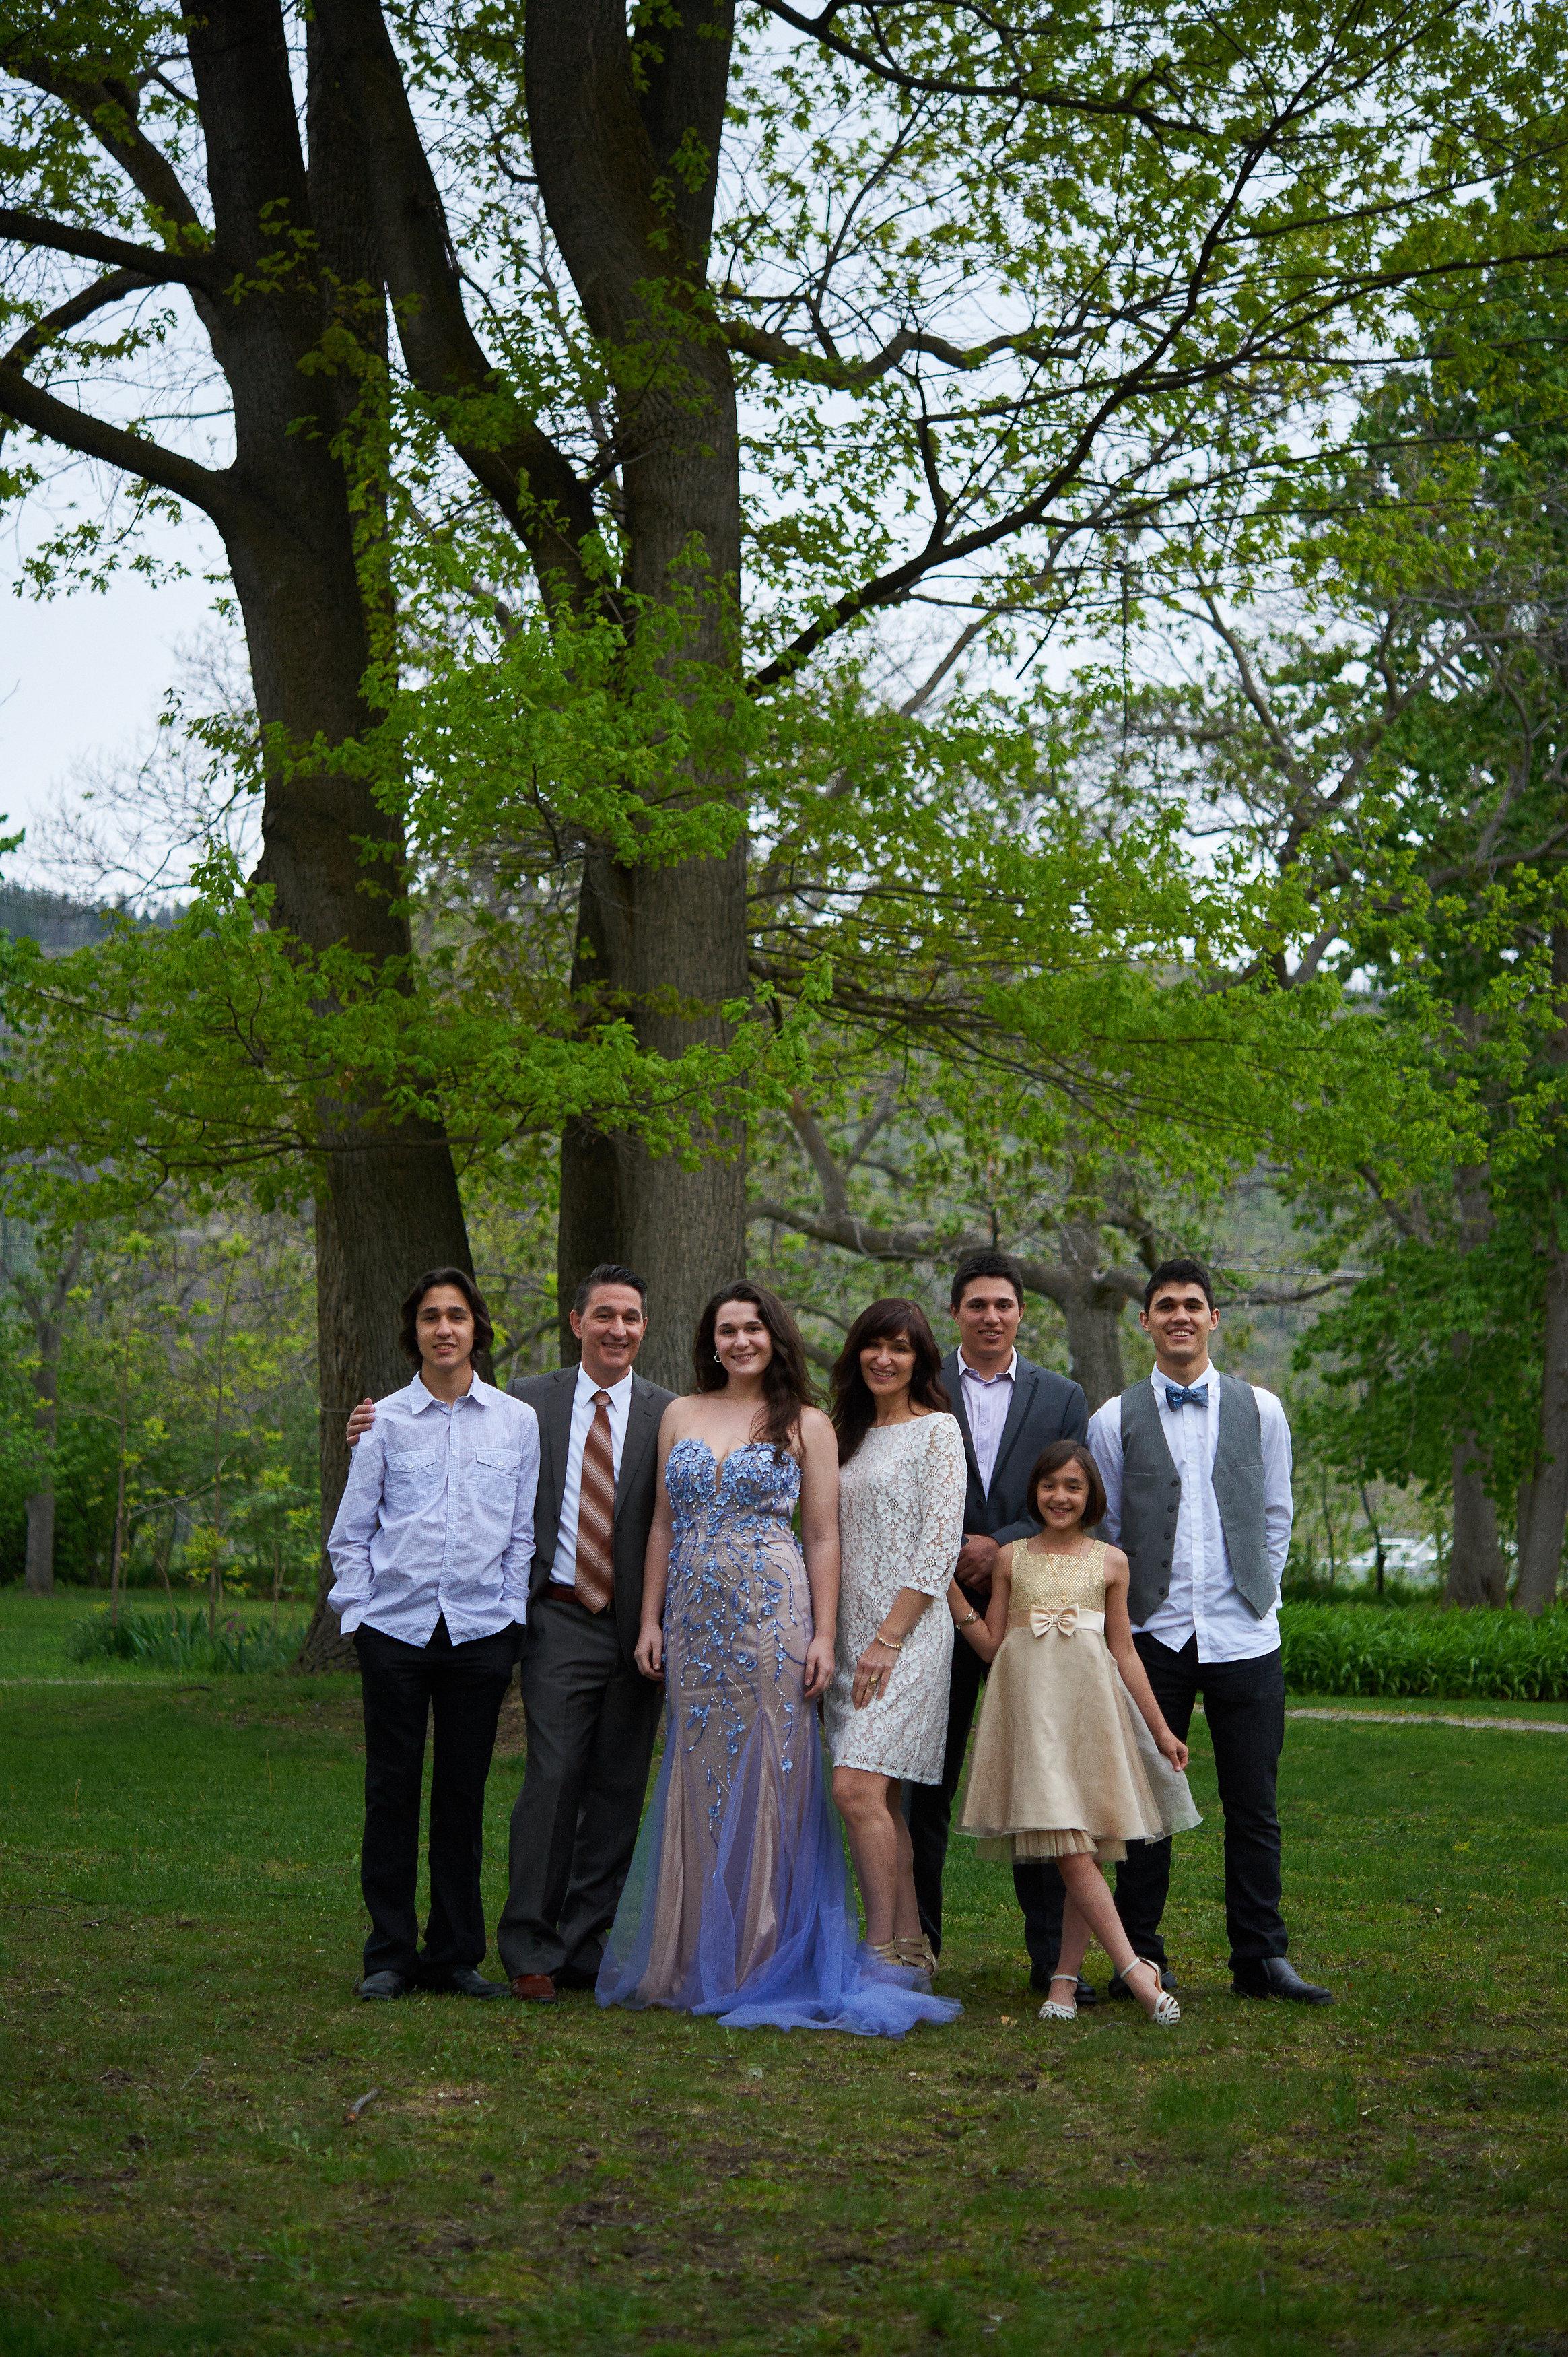 The family portrait long shot